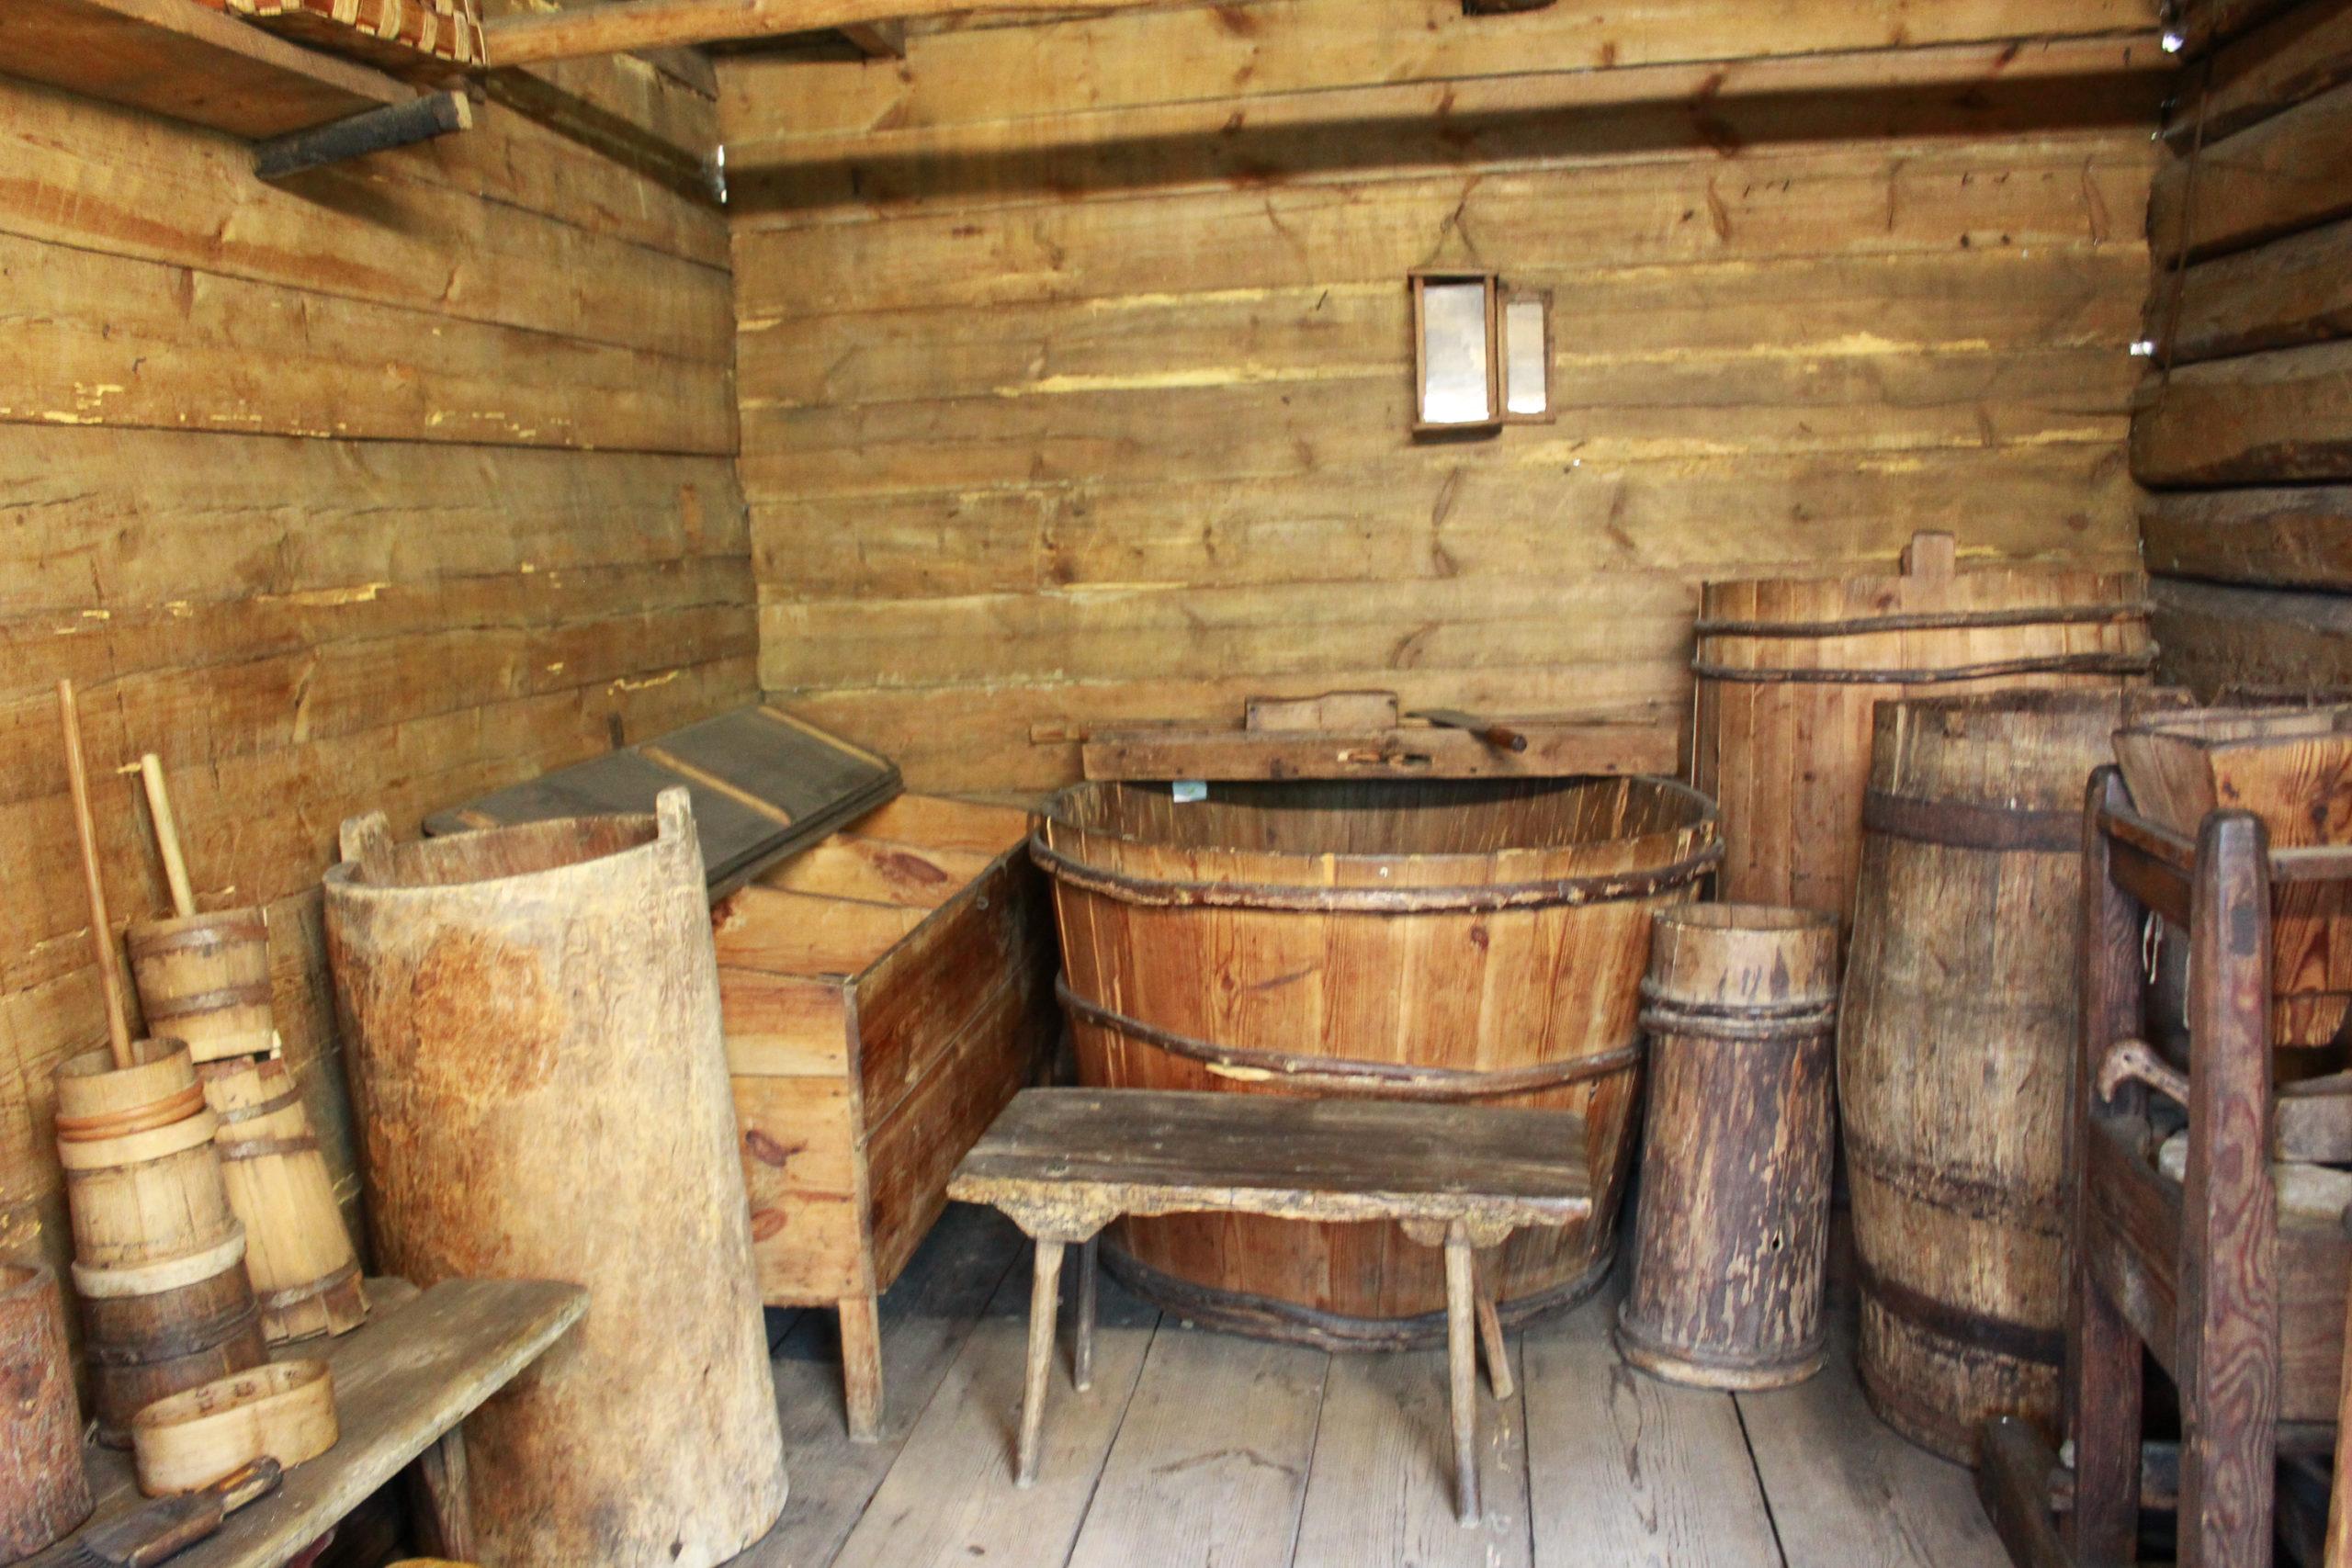 drewniane beczki w skansenie